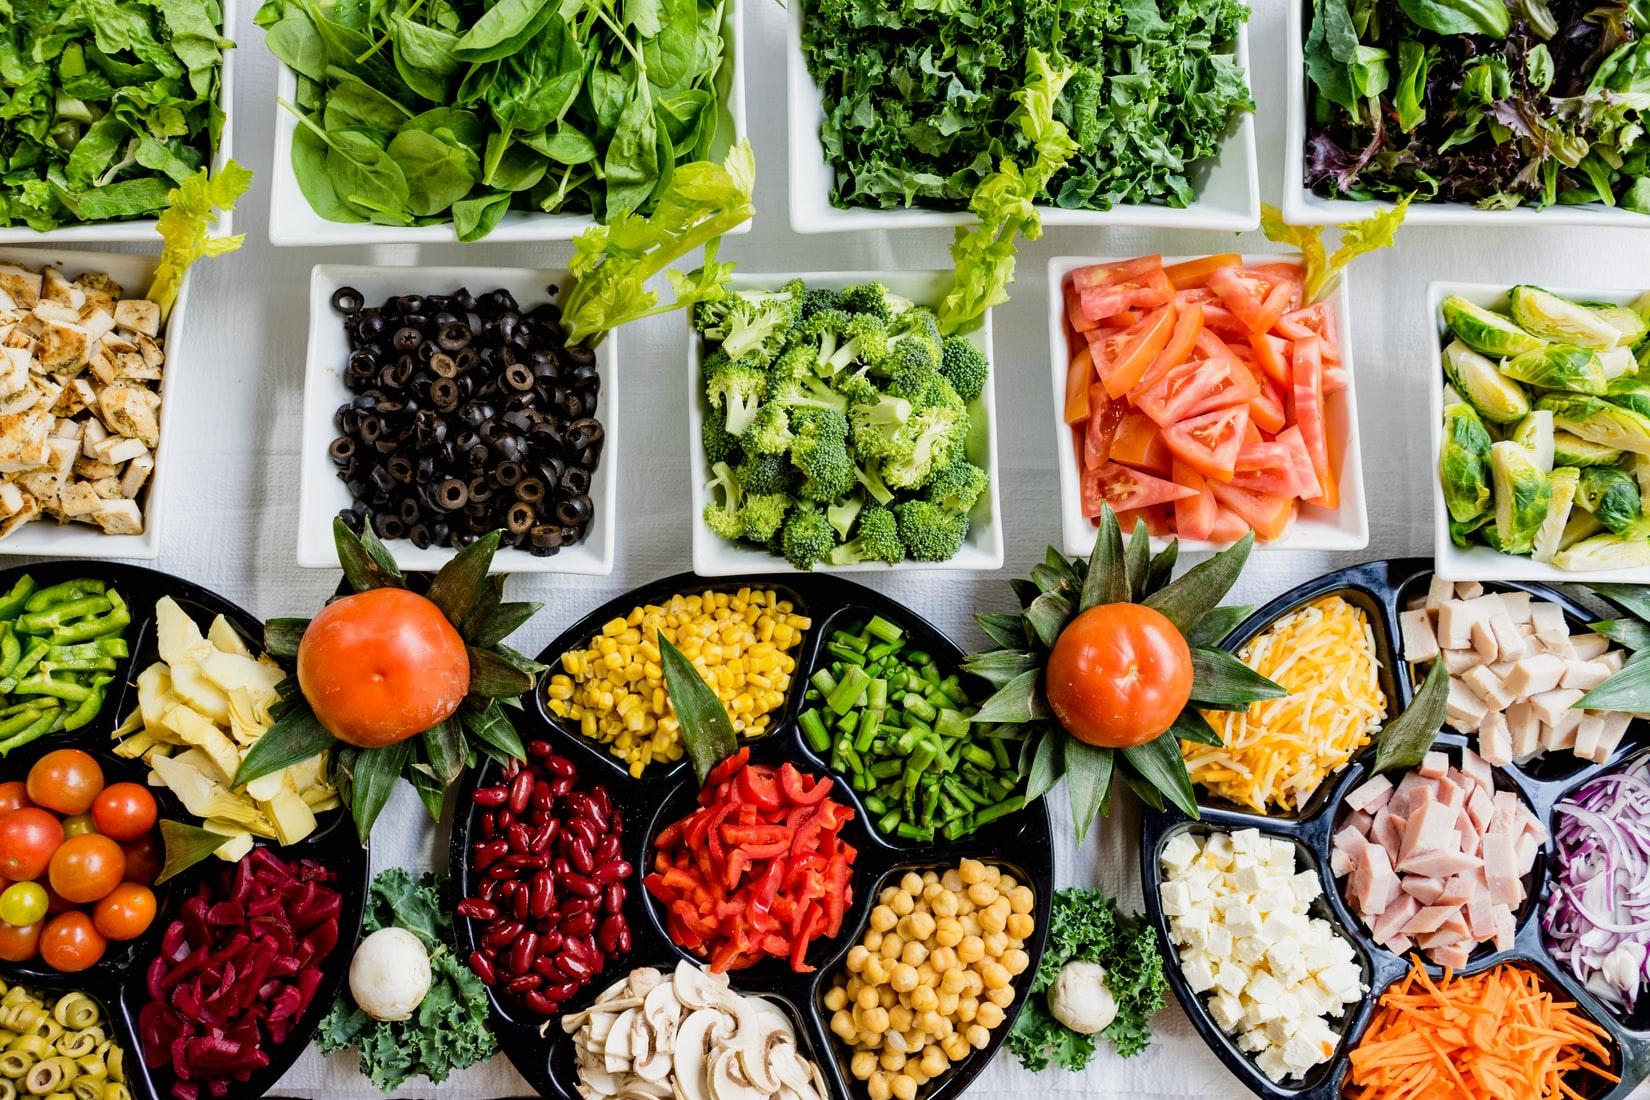 AI 想为你打造一些新菜单,创新一下食物搭配